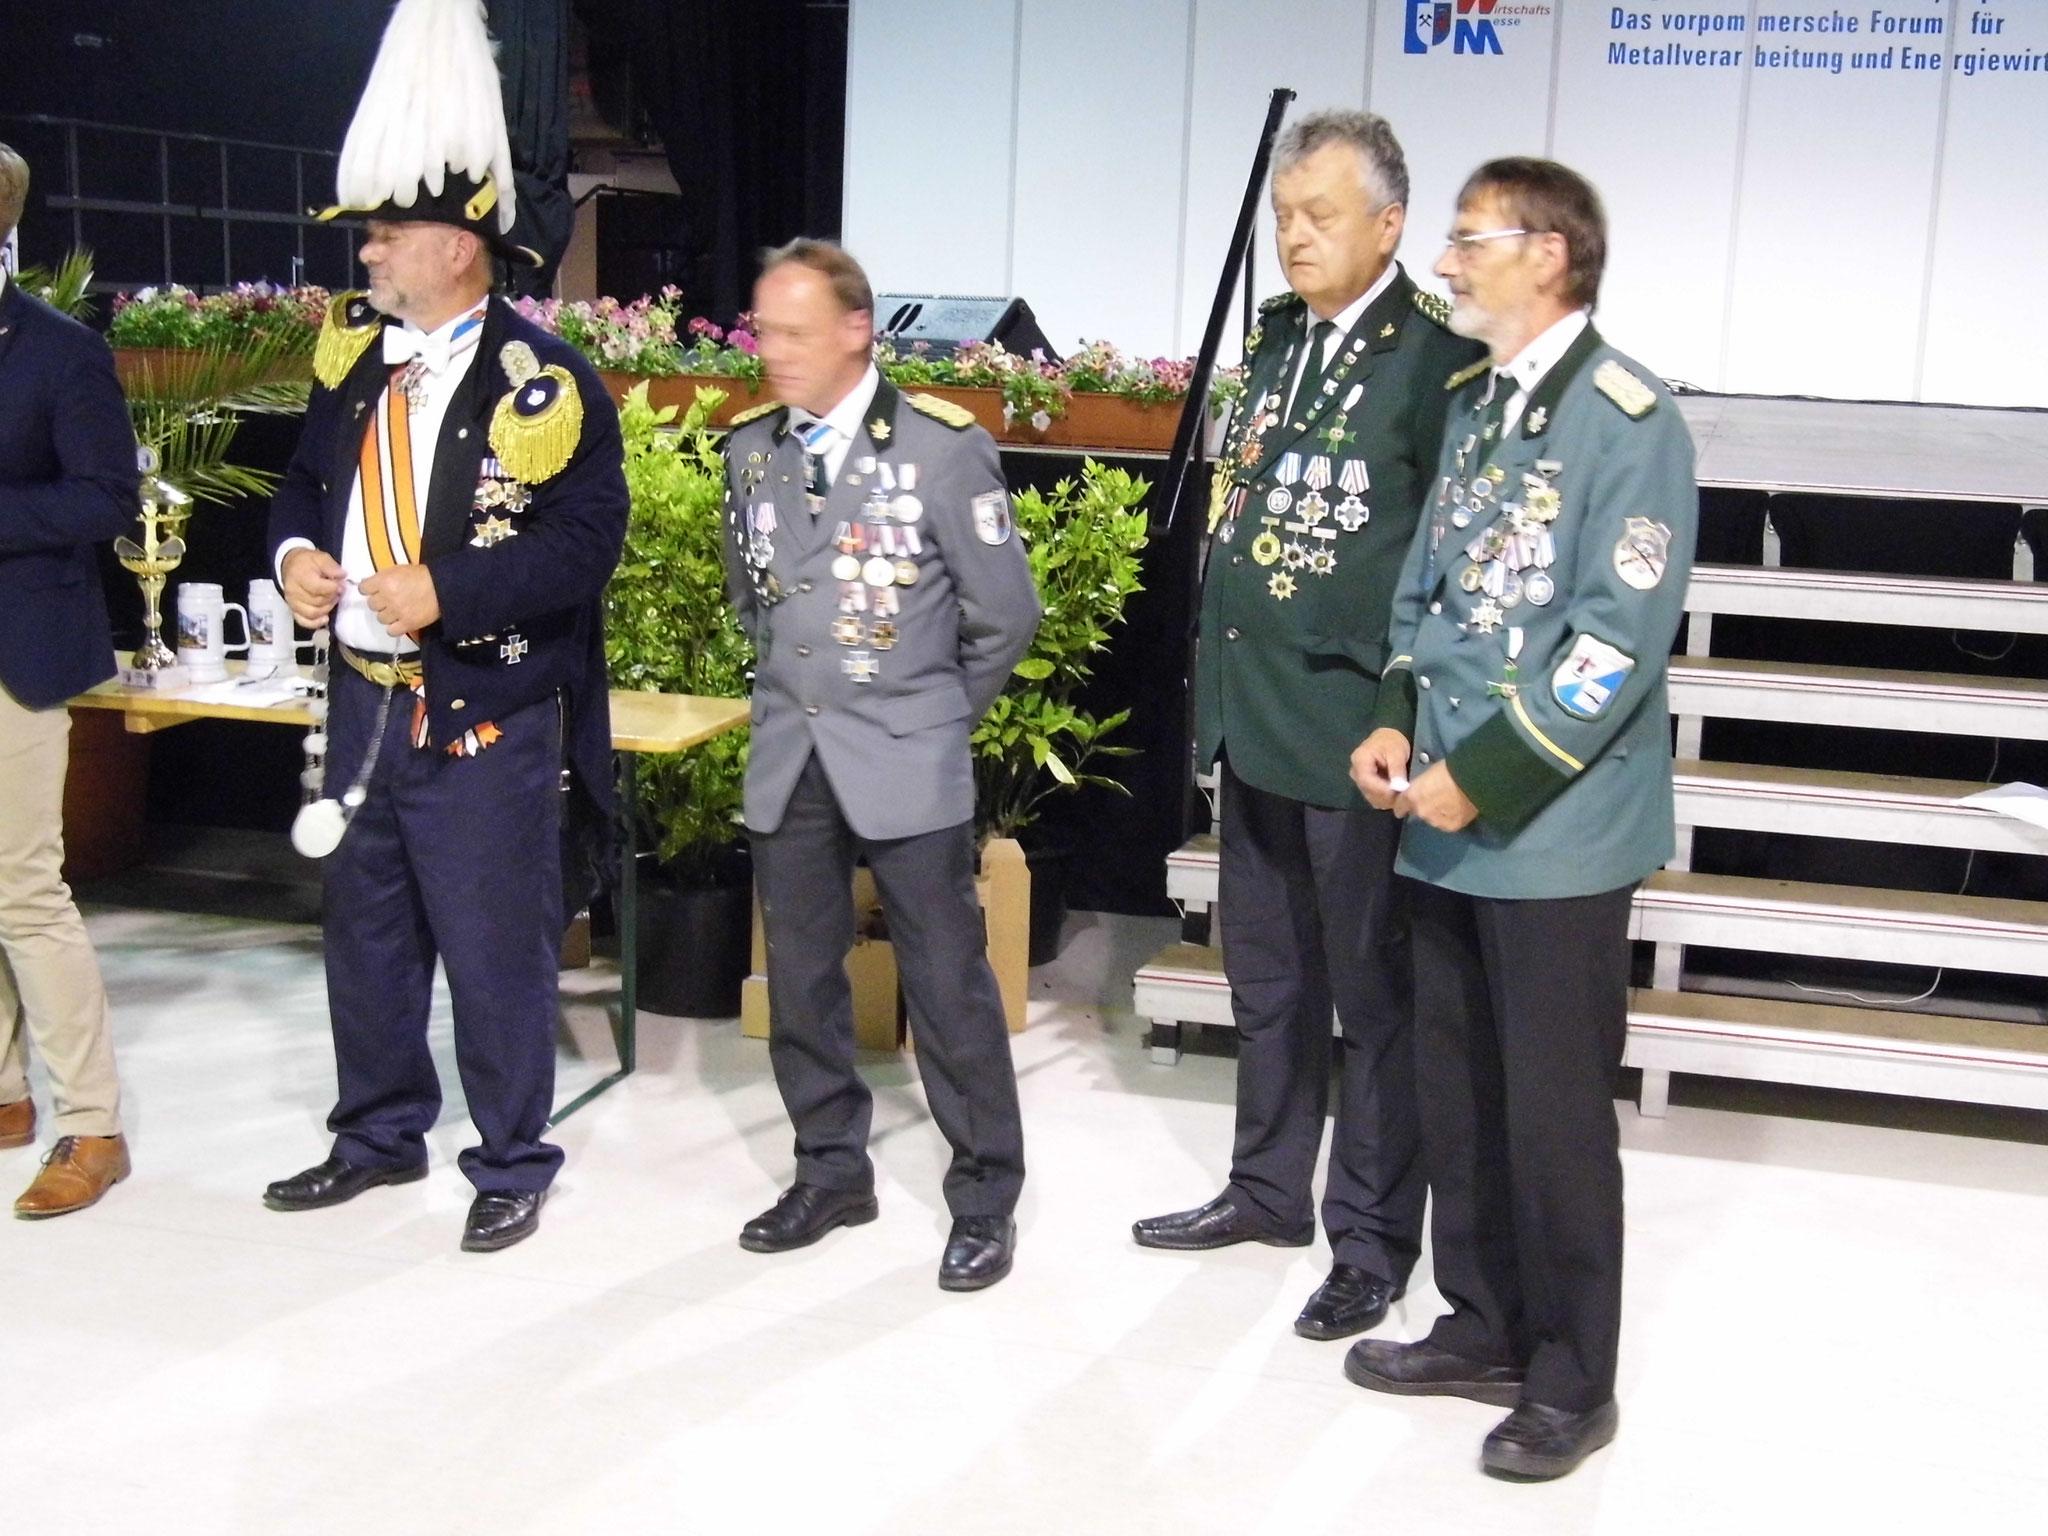 Rainer Klockow (zweiter von rechts) nach der Übergabe des 2. Ritter Ordens.